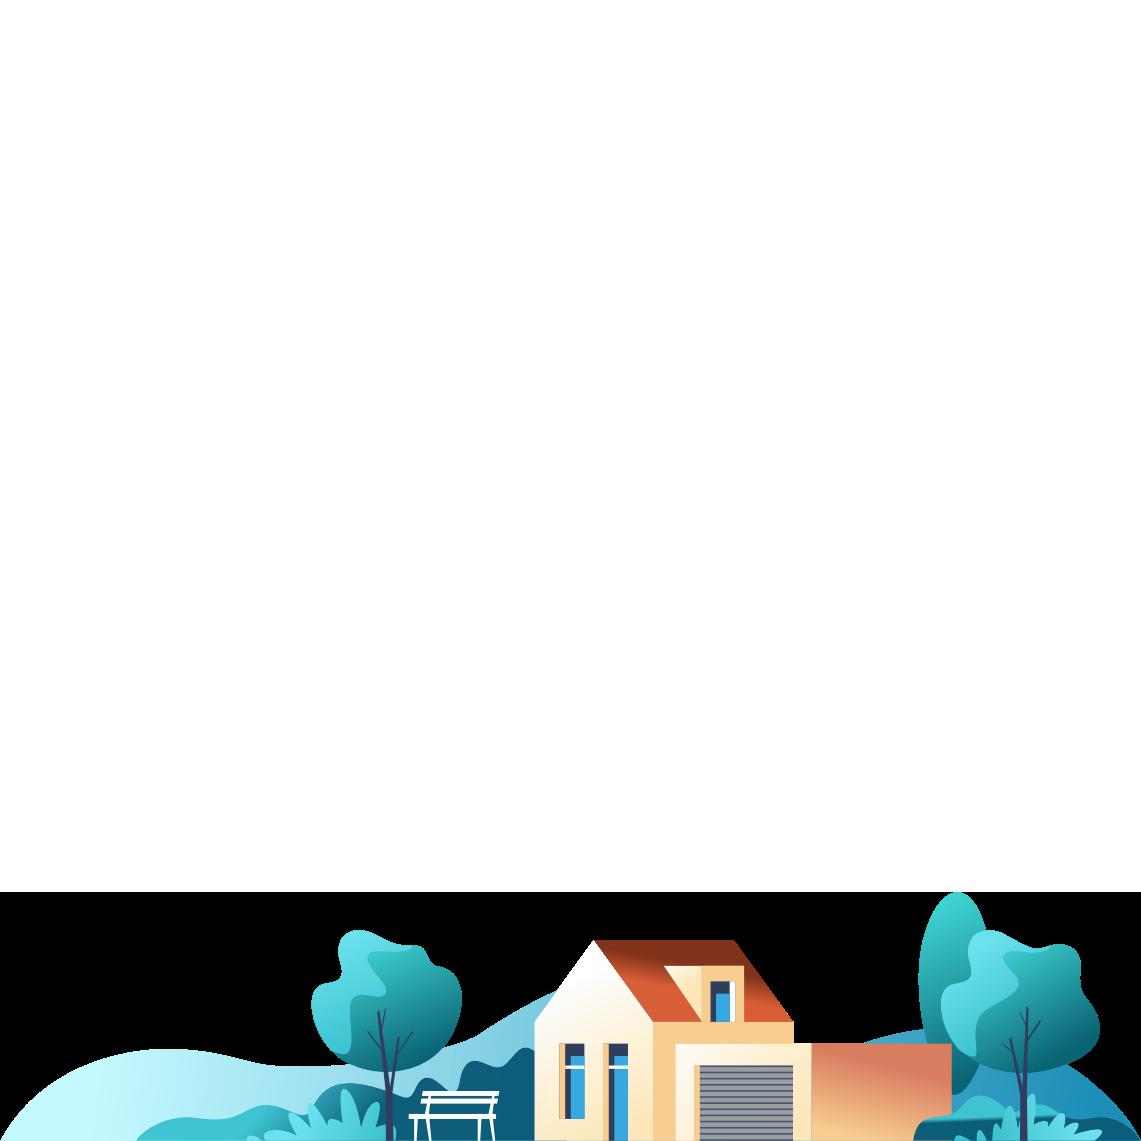 Kirjeldame täpsemalt meie poolt pakutavaid lisateenuseid alates tasuta teenustest nagu kommunaalarvete haldamine, üürniku võlamenetlus ja üürniku käendamine kuni täishalduse lahendusteni koos garanteeritud üüritootlusega.